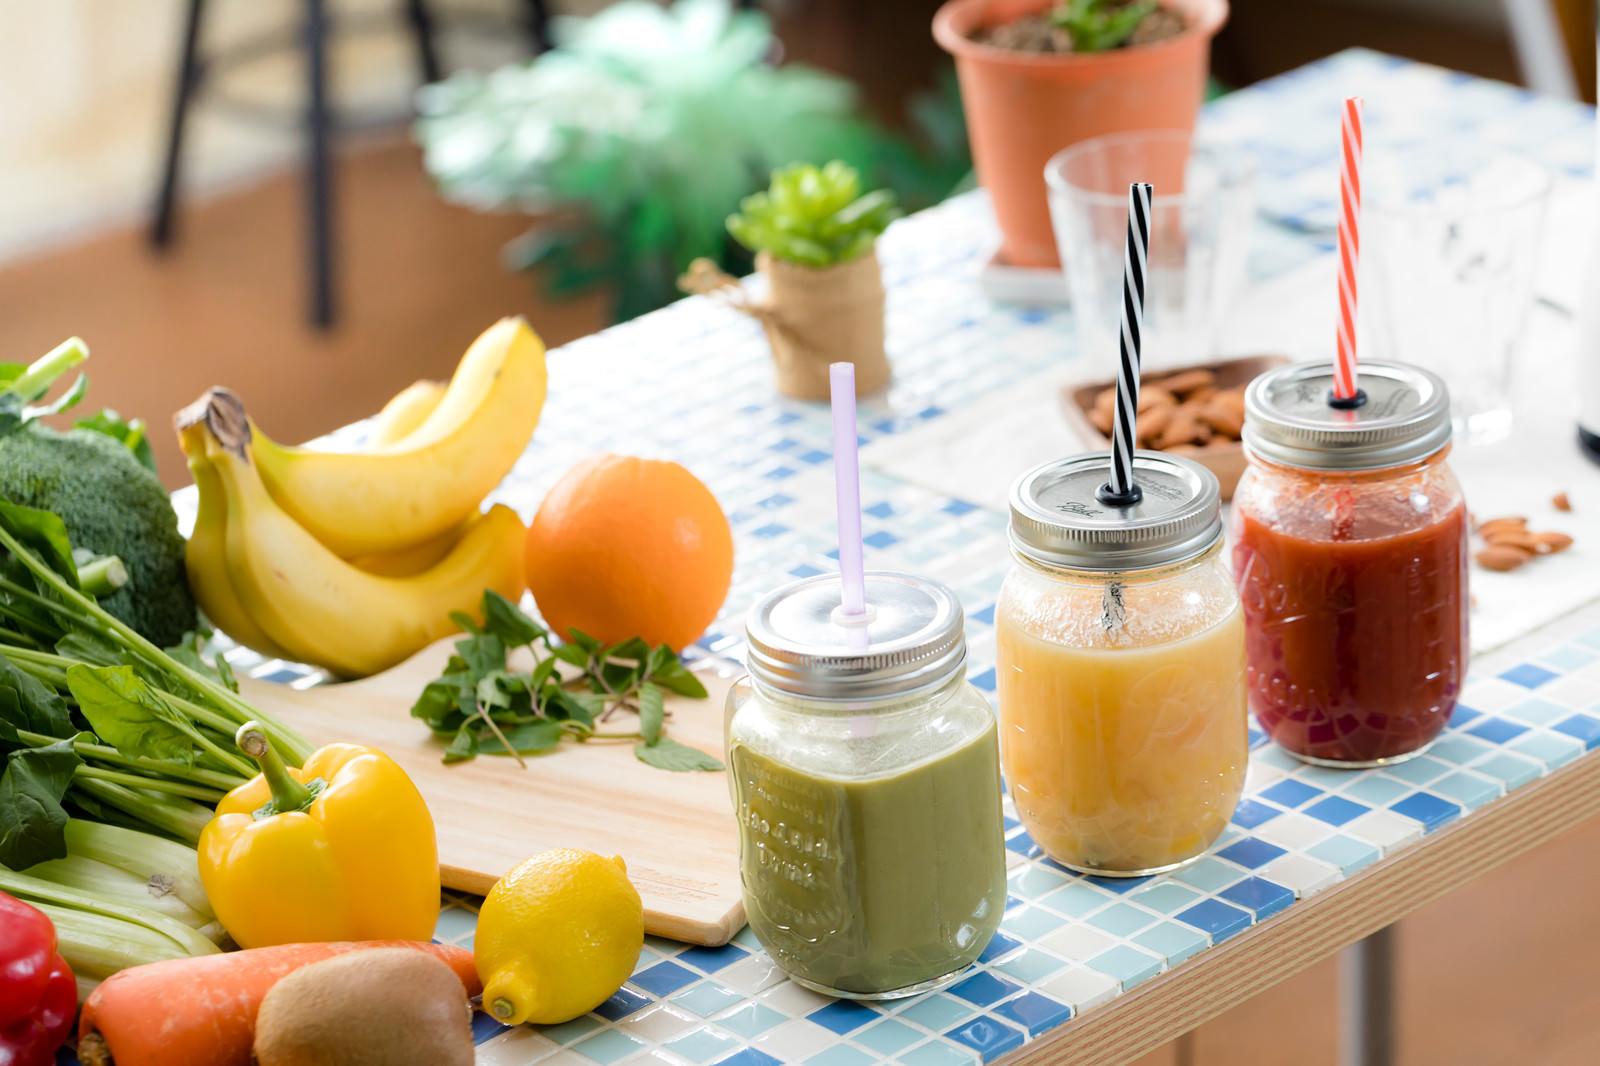 「3種類のスムージーと新鮮な果物と野菜3種類のスムージーと新鮮な果物と野菜」のフリー写真素材を拡大